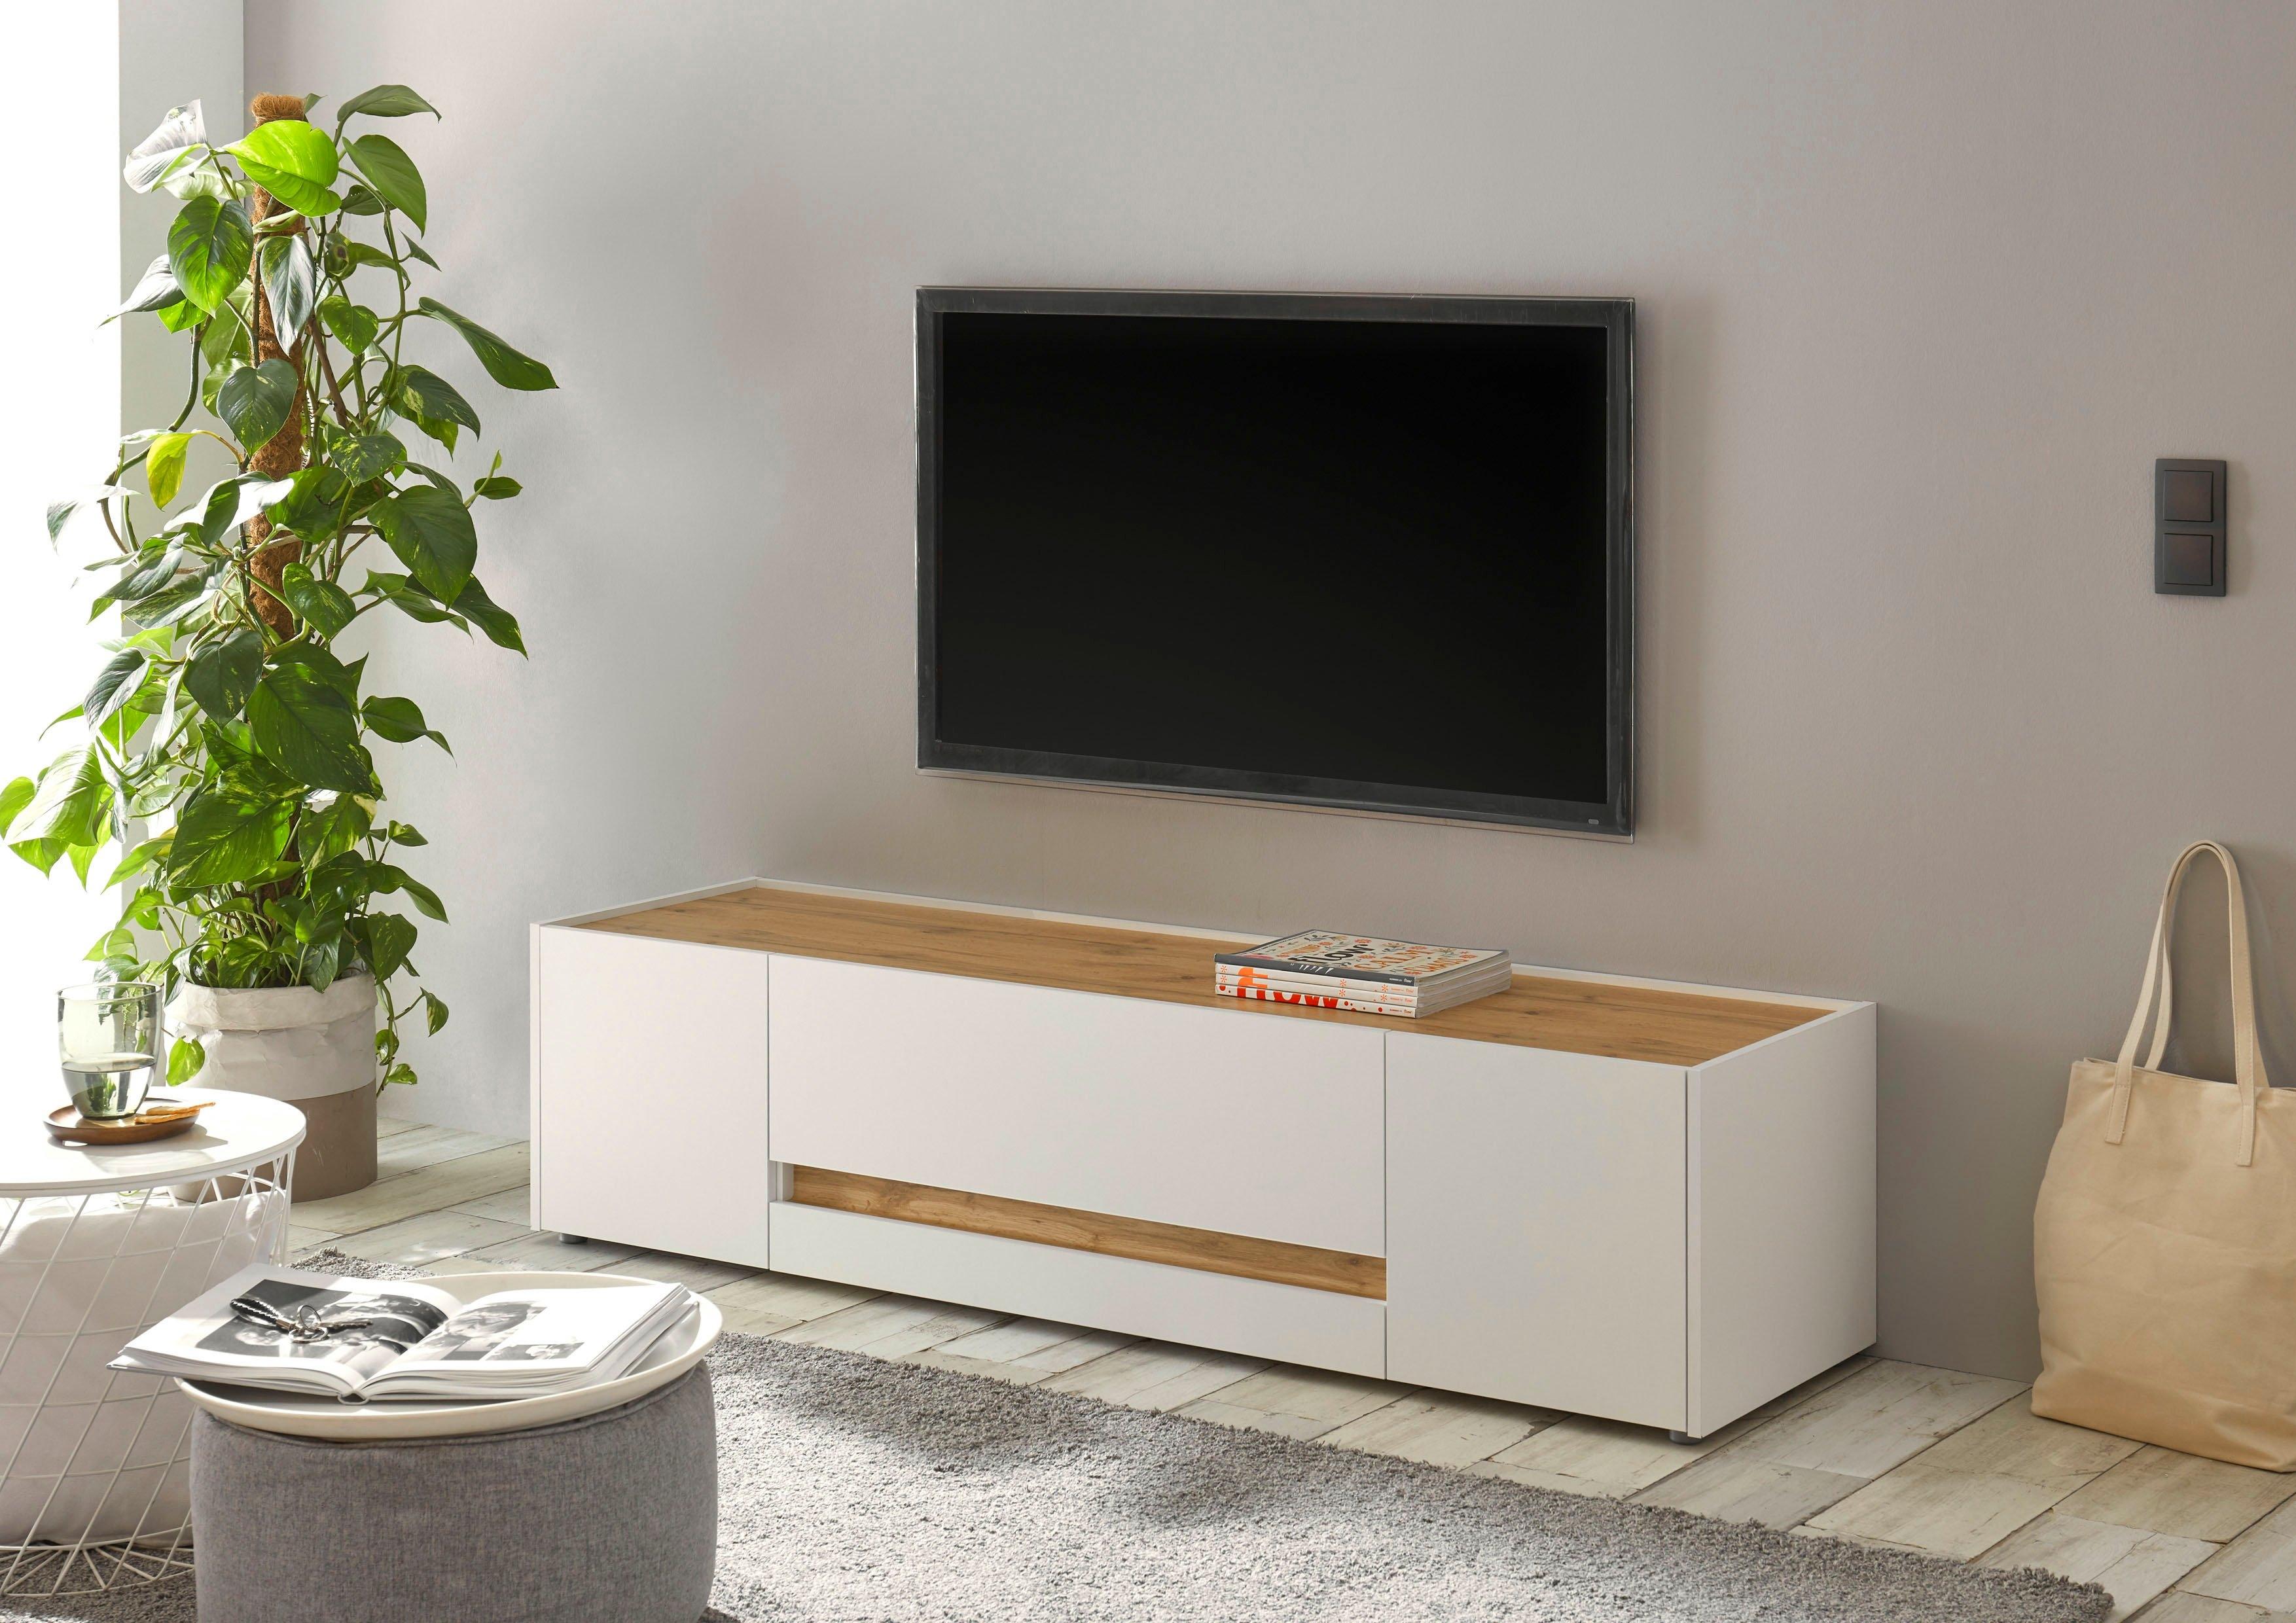 INOSIGN tv-meubel CiTY tv-meubel 31 in modern design - verschillende betaalmethodes